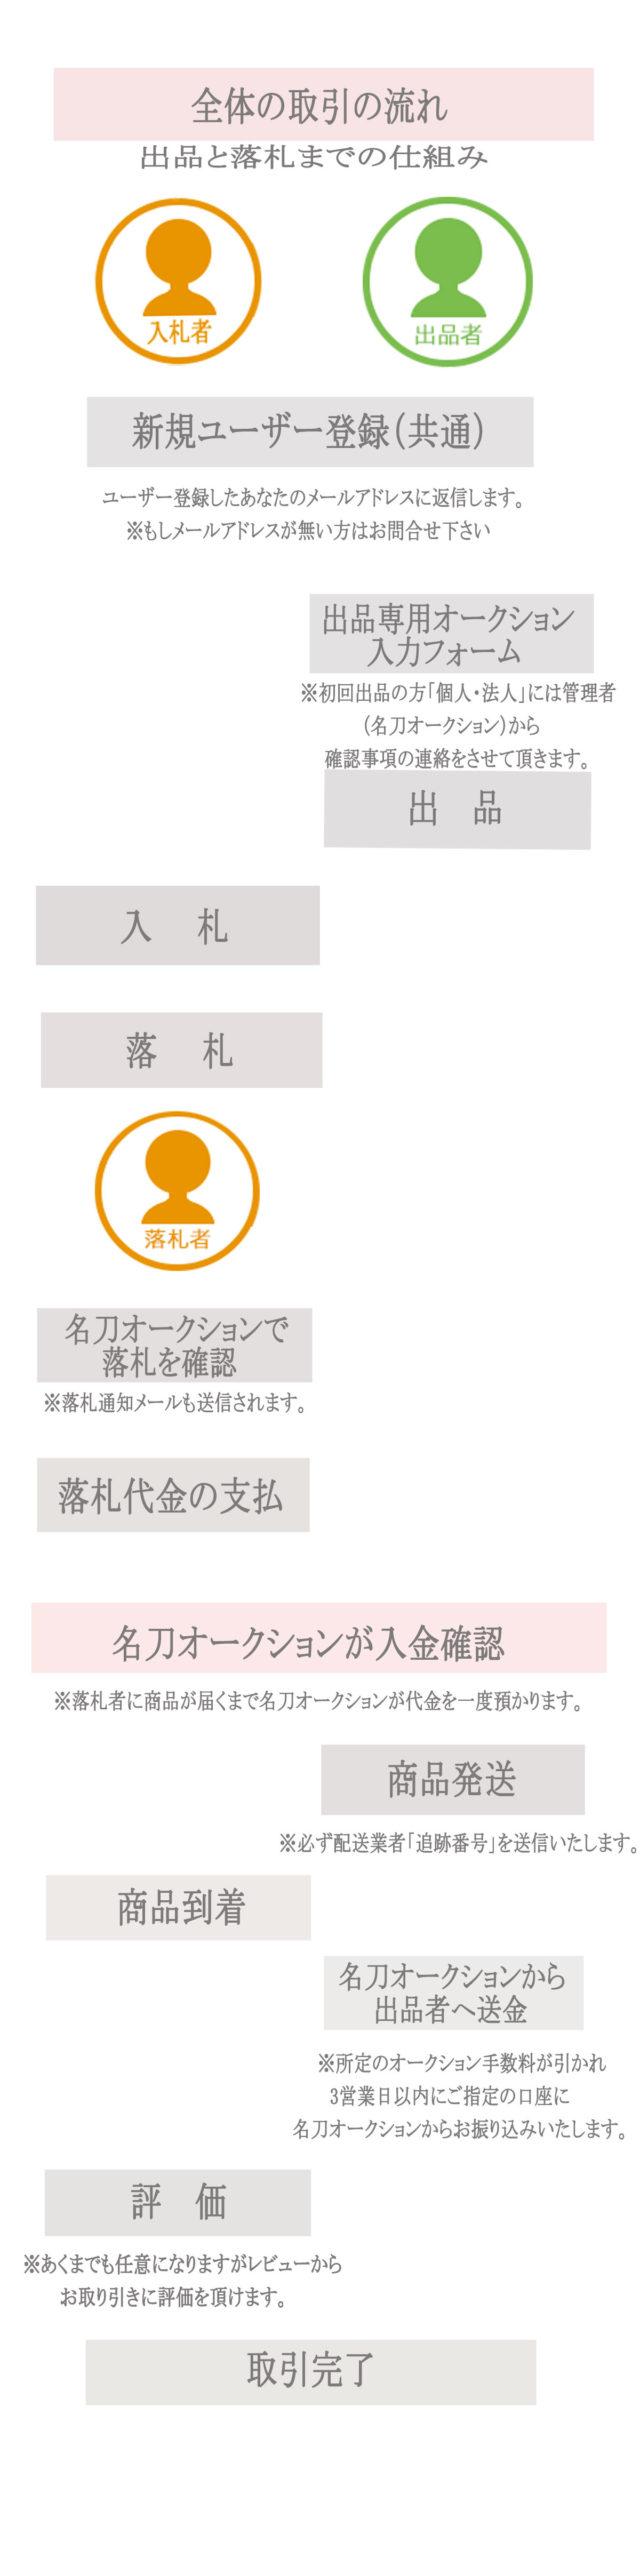 取引全体の流れ~フローチャート|名刀オークション開催中!「日本刀・刀のオークション」サイト!どなたでも<出品・入札>が簡単にできます。